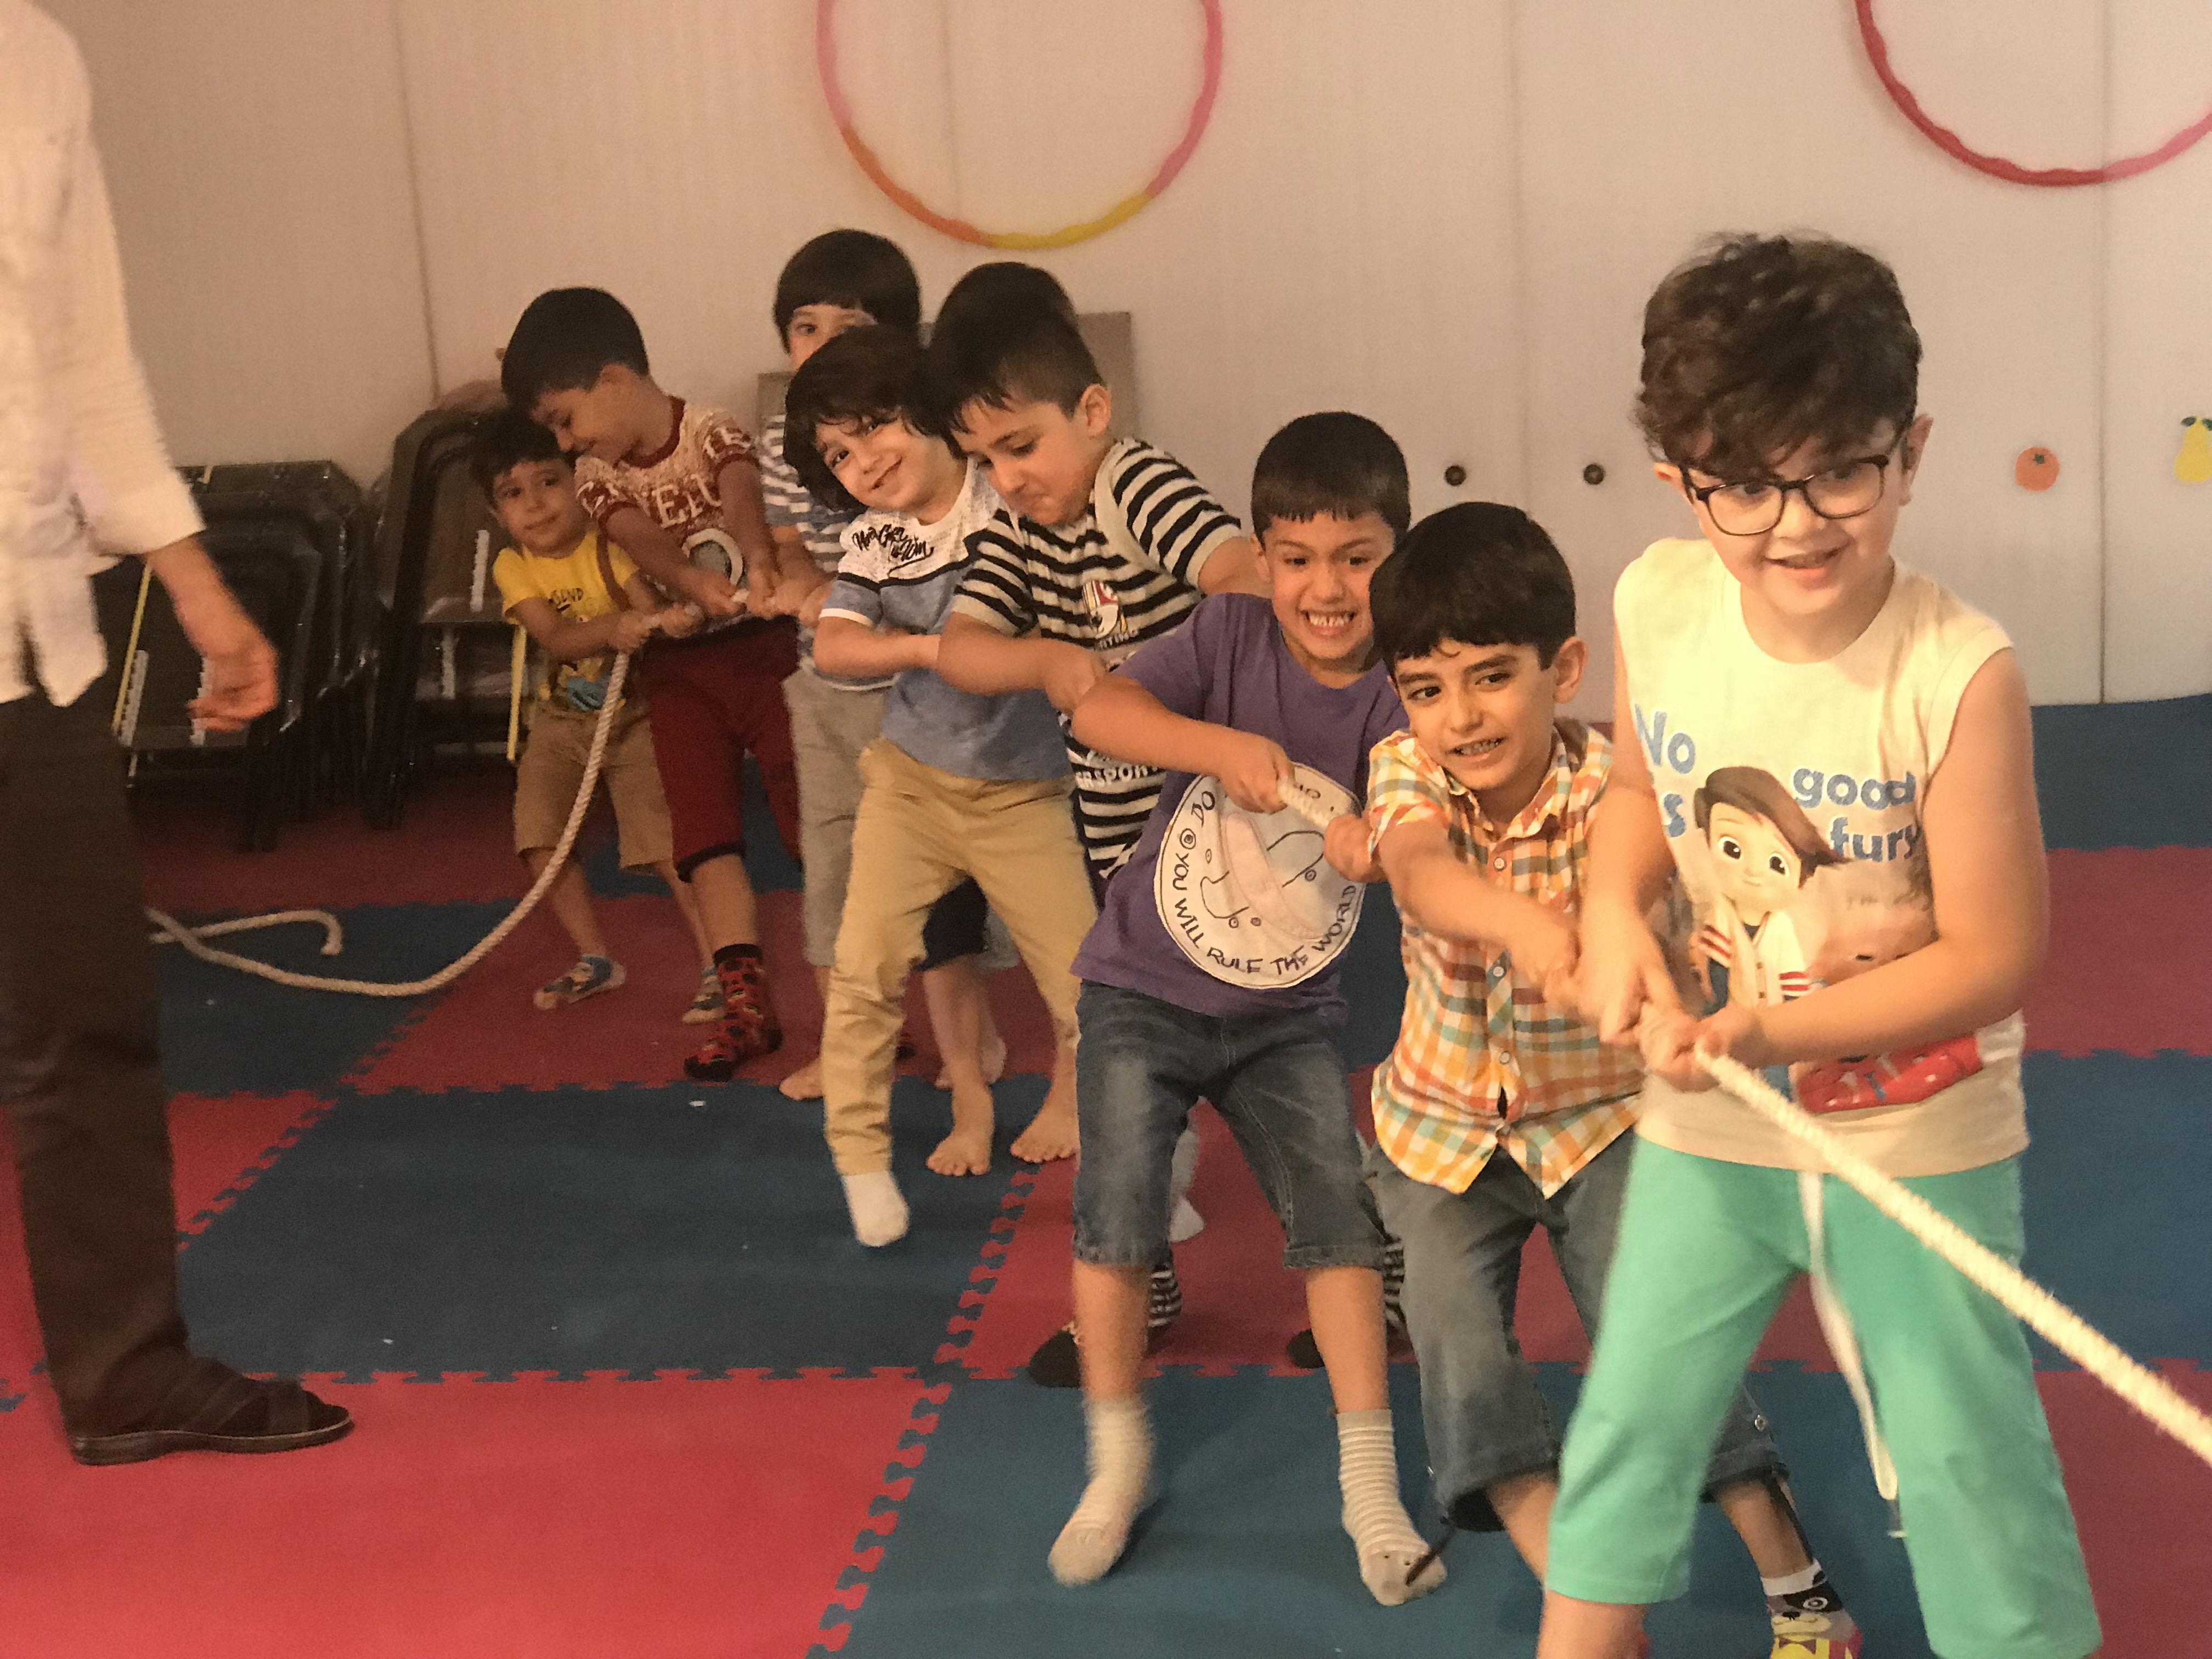 اهمیت بازی در فرآیند یادگیری دانش آموزان